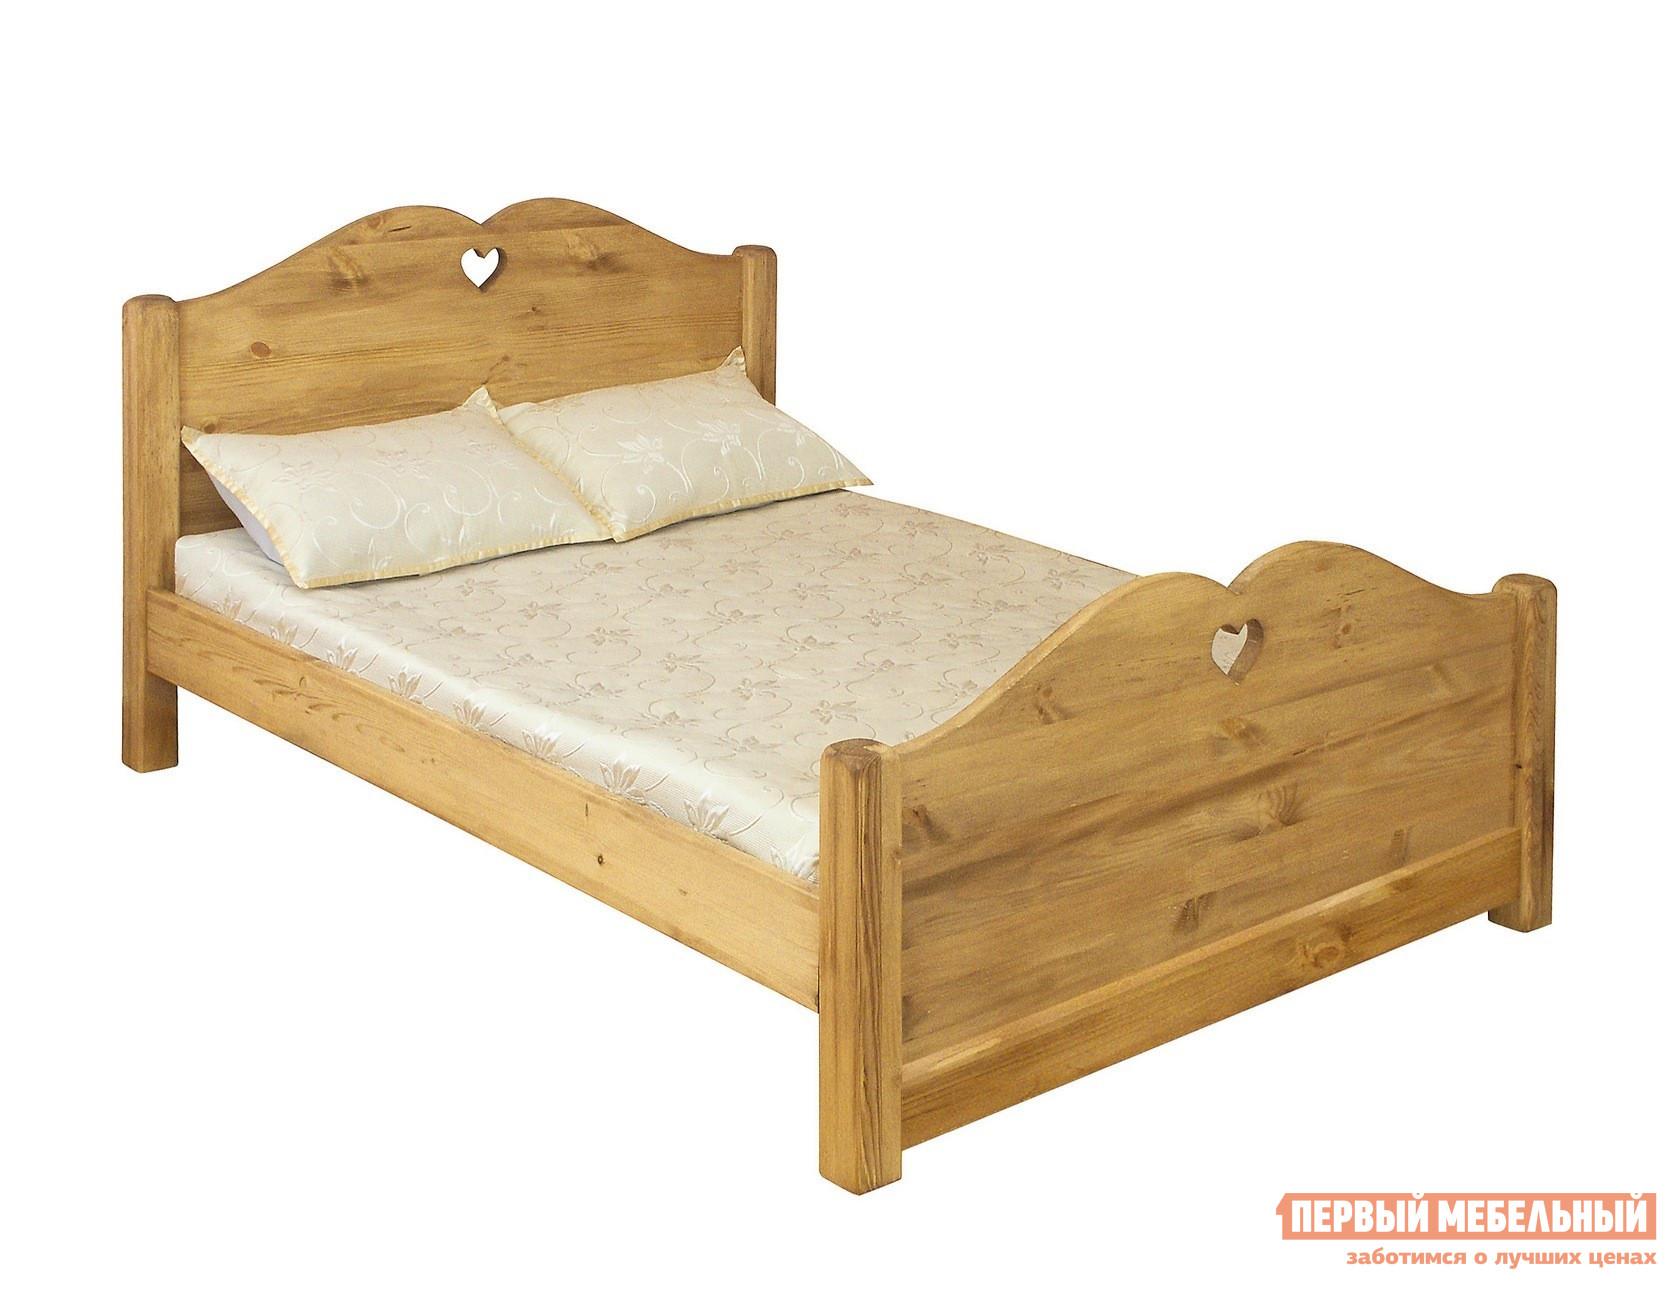 Двуспальная кровать из массива дерева Волшебная сосна LIT COEUR 140 (LCOEUR 140) / LIT COEUR 160 (LCOEUR 160) кровать из массива дерева seventh workshop pine lakes lb03